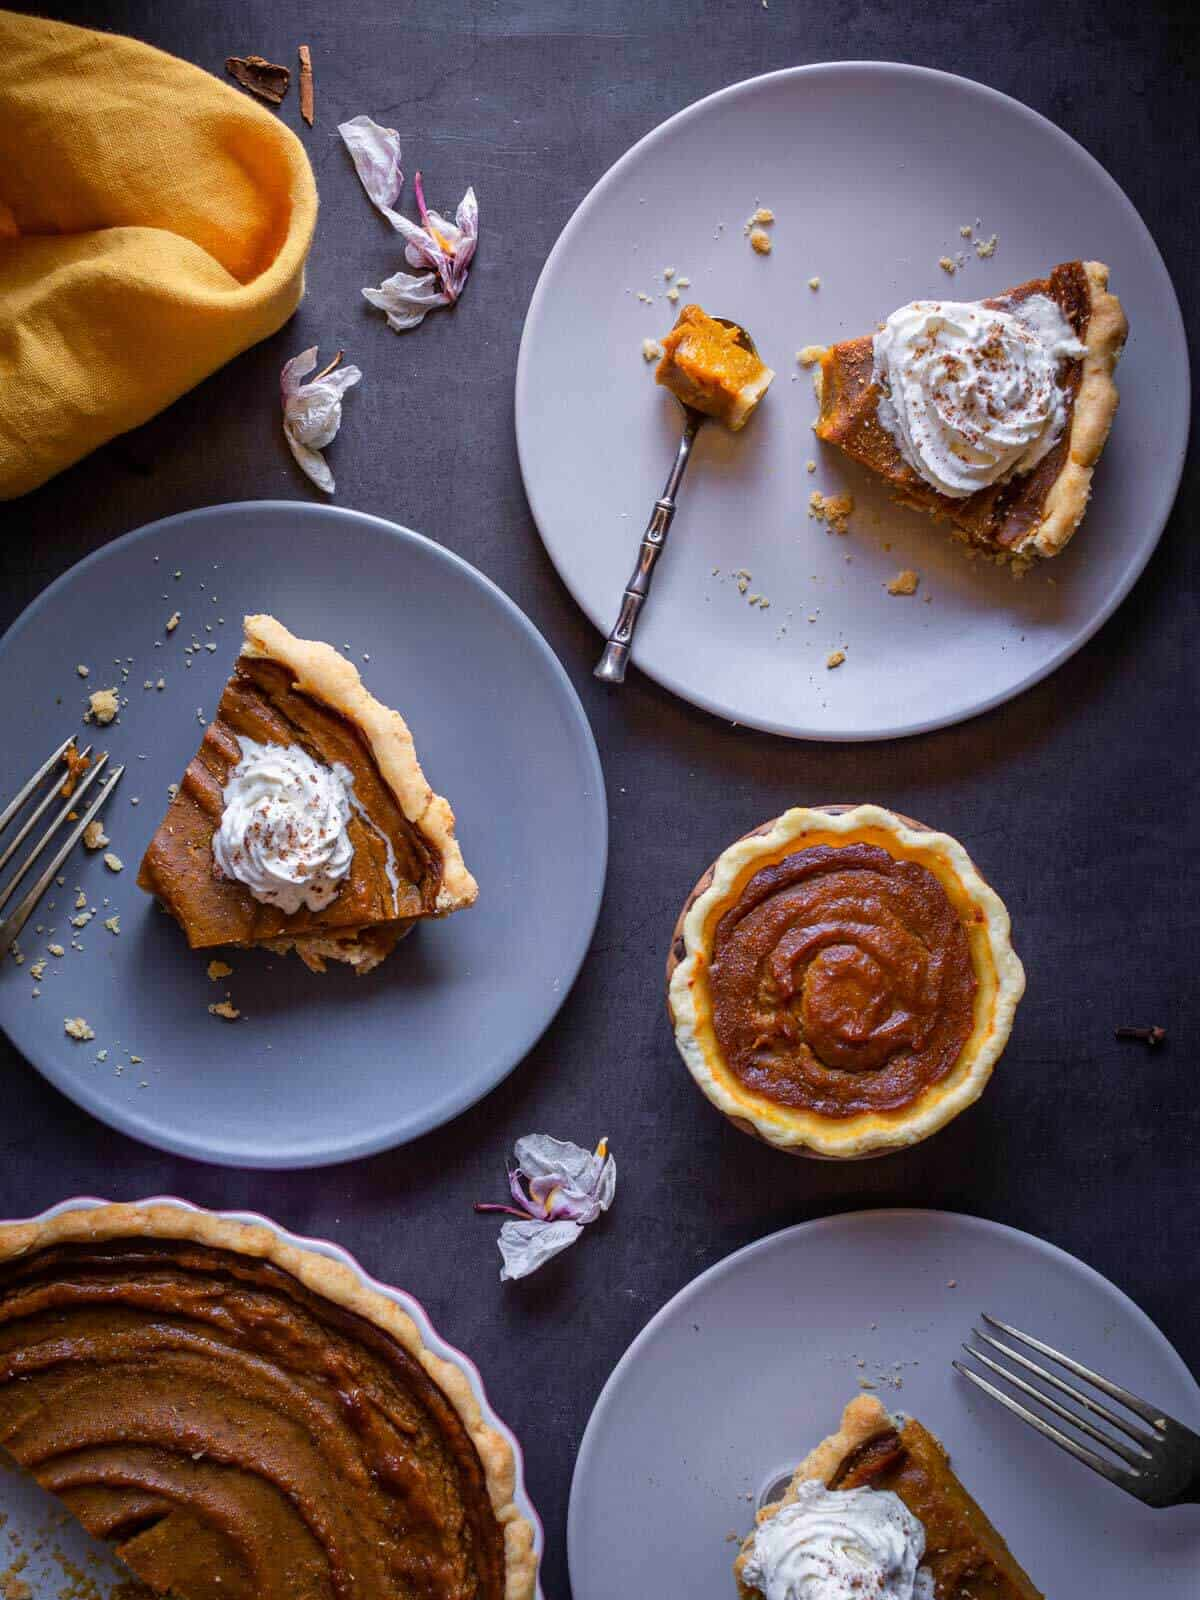 vegan pumpkin pie served in table